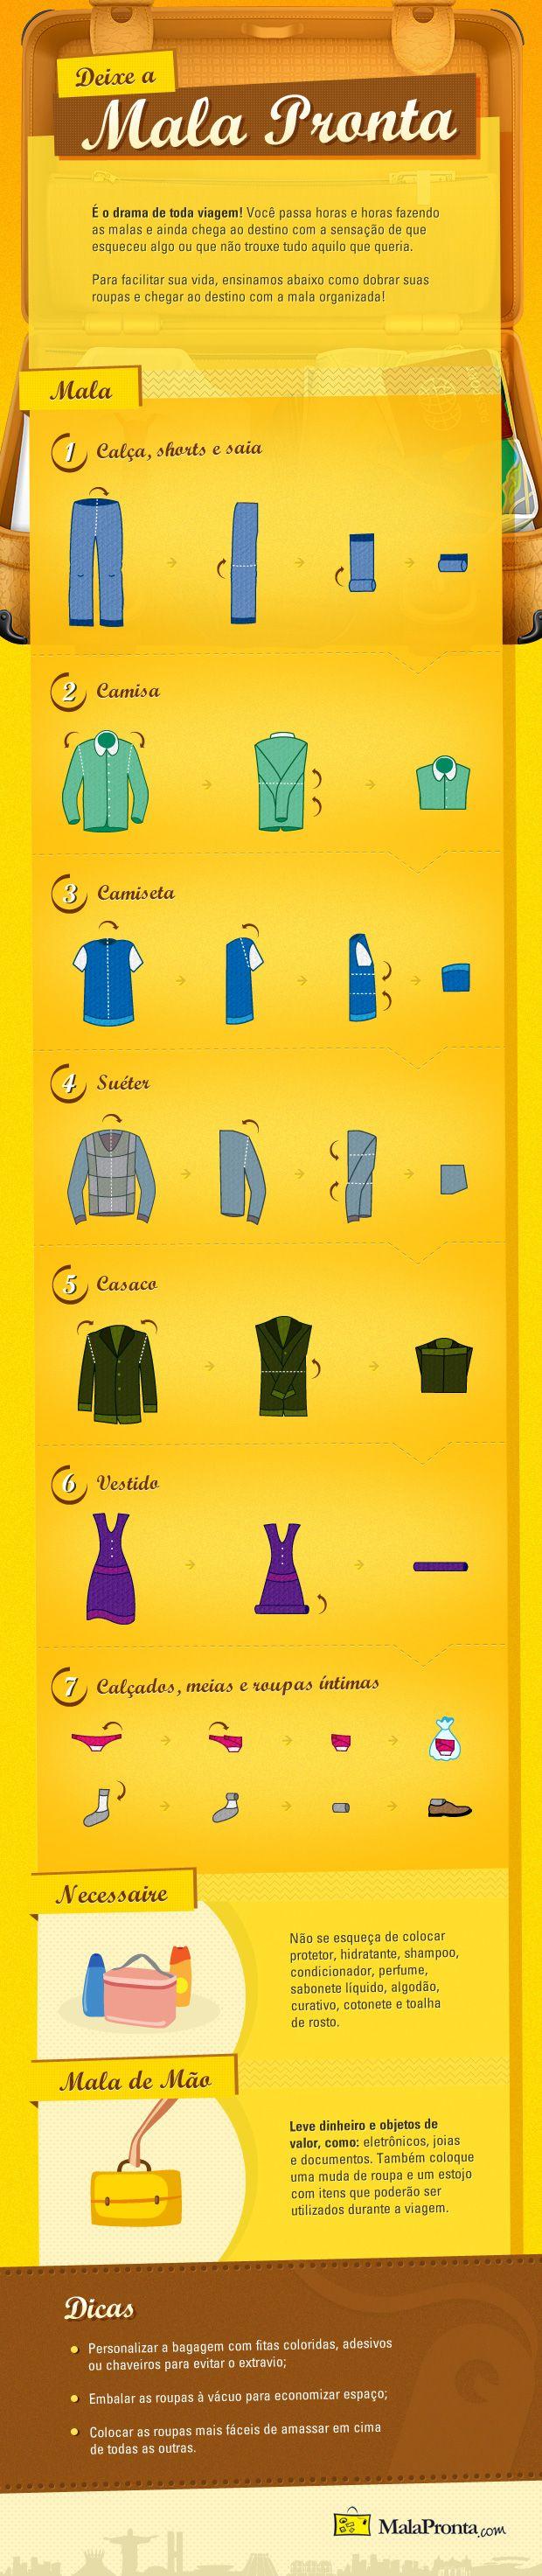 Infográfico para facilitar a sua vida. Ensinamos como dobrar suas roupas e chegar ao destino com a mala organizada!